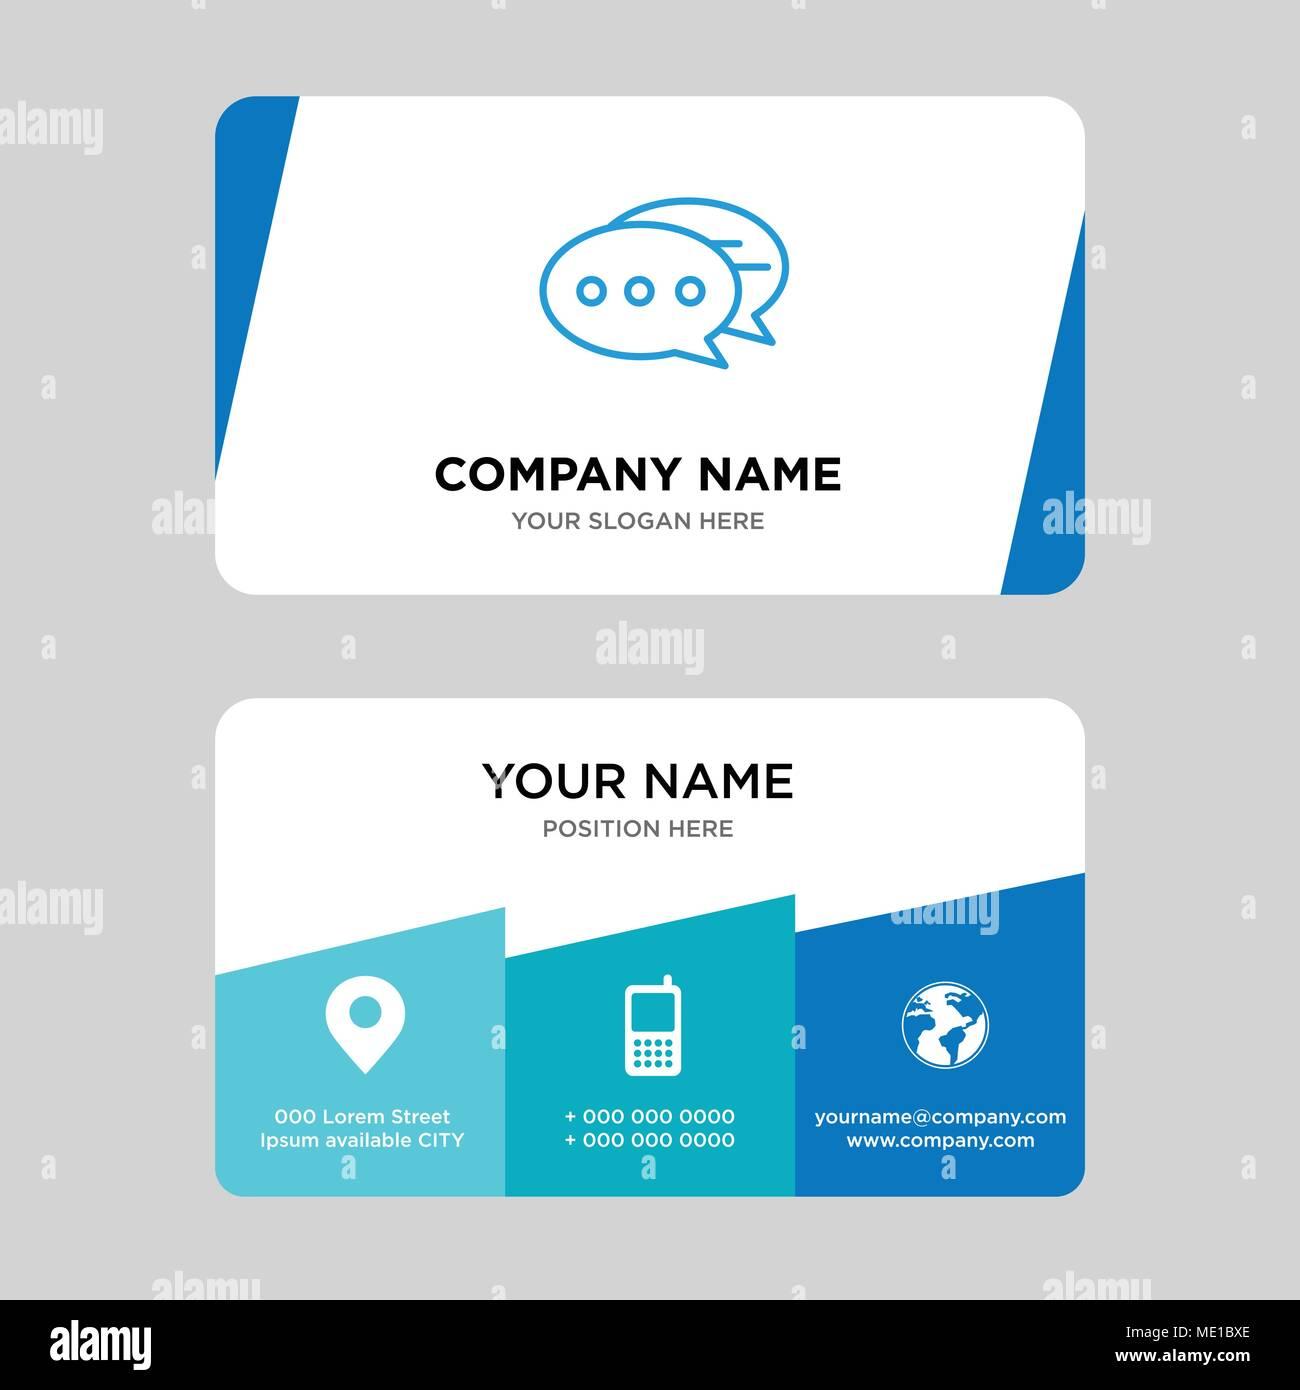 Chat Carte De Visite Modele Conception Pour Votre Entreprise Creative Et Moderne Didentite Propre Vector Illustration